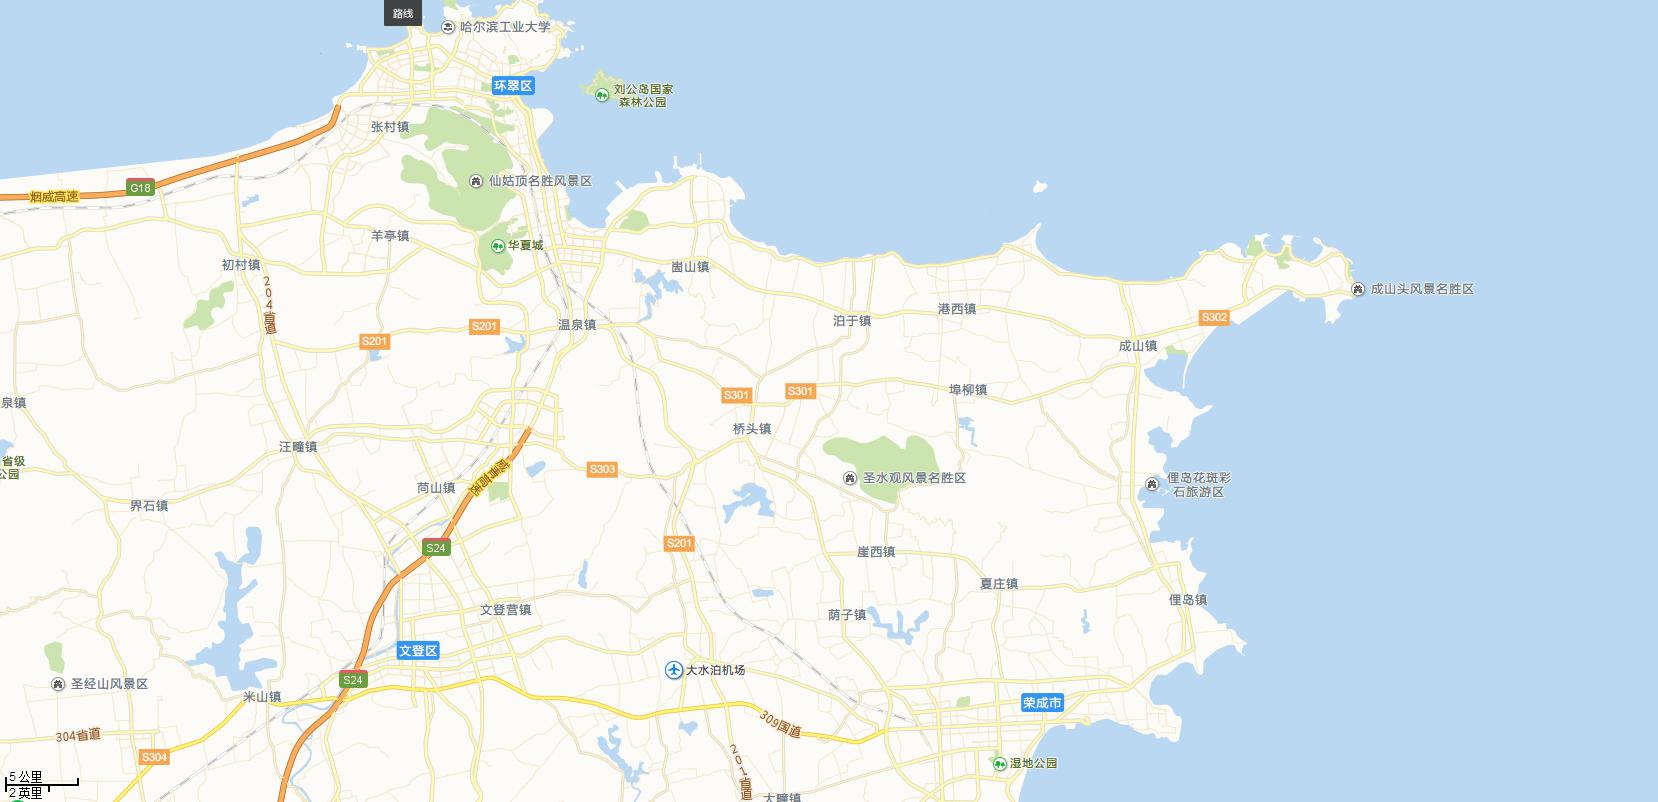 成山头景区—西霞口野生动物园—隆霞湖景区—海驴岛—鸡鸣岛 自理(可